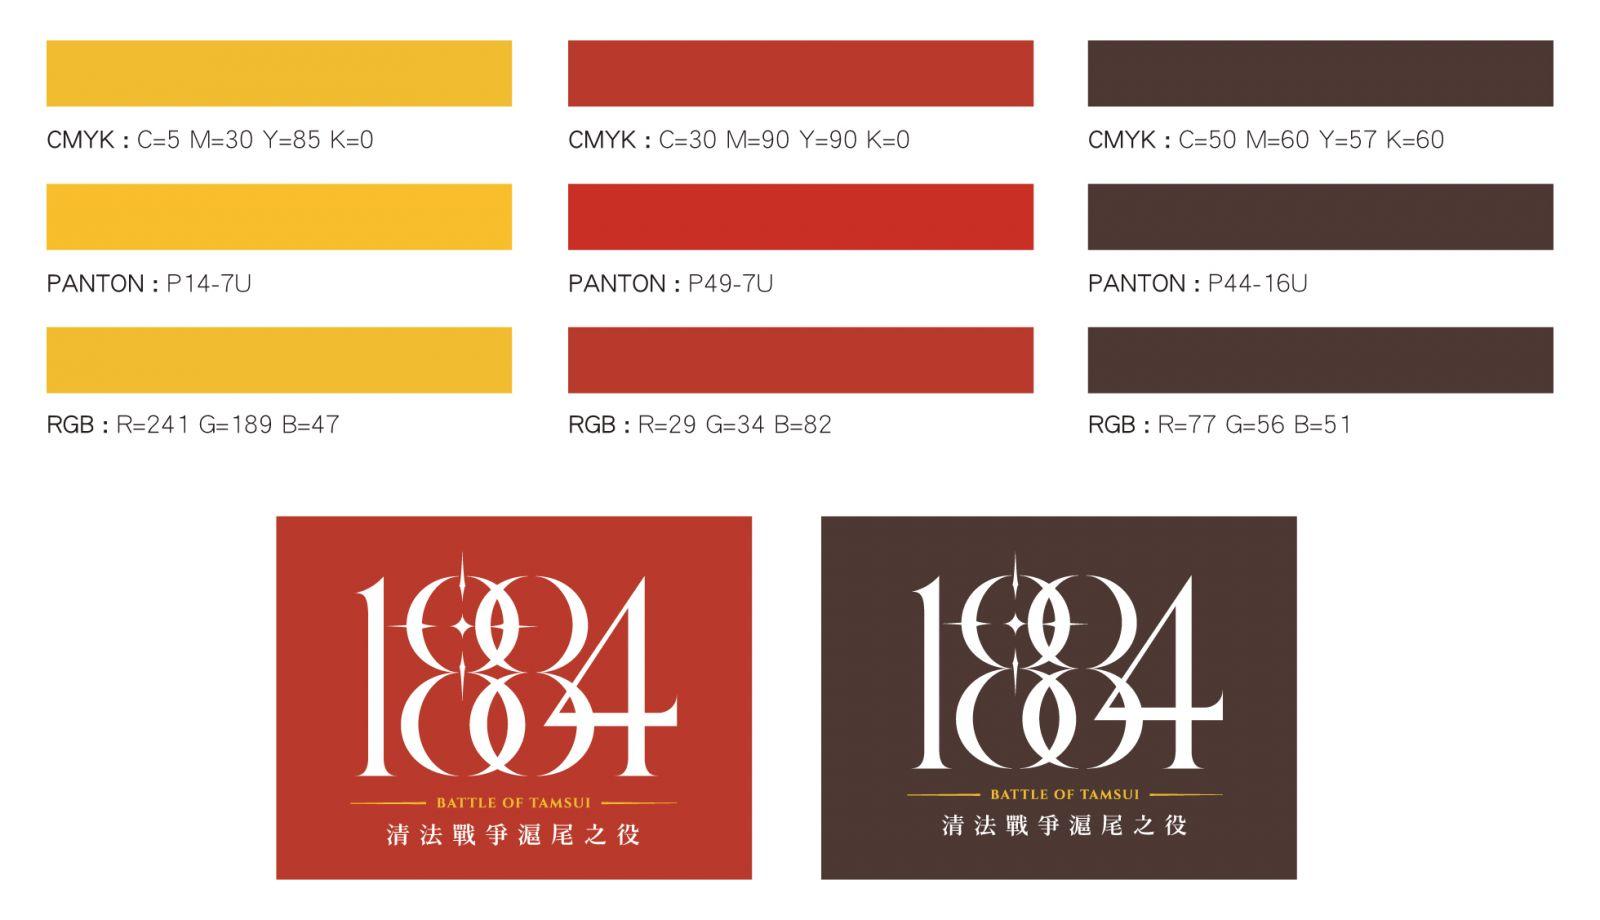 清法戰爭滬尾之役CIS設計 - 標準色彩規劃